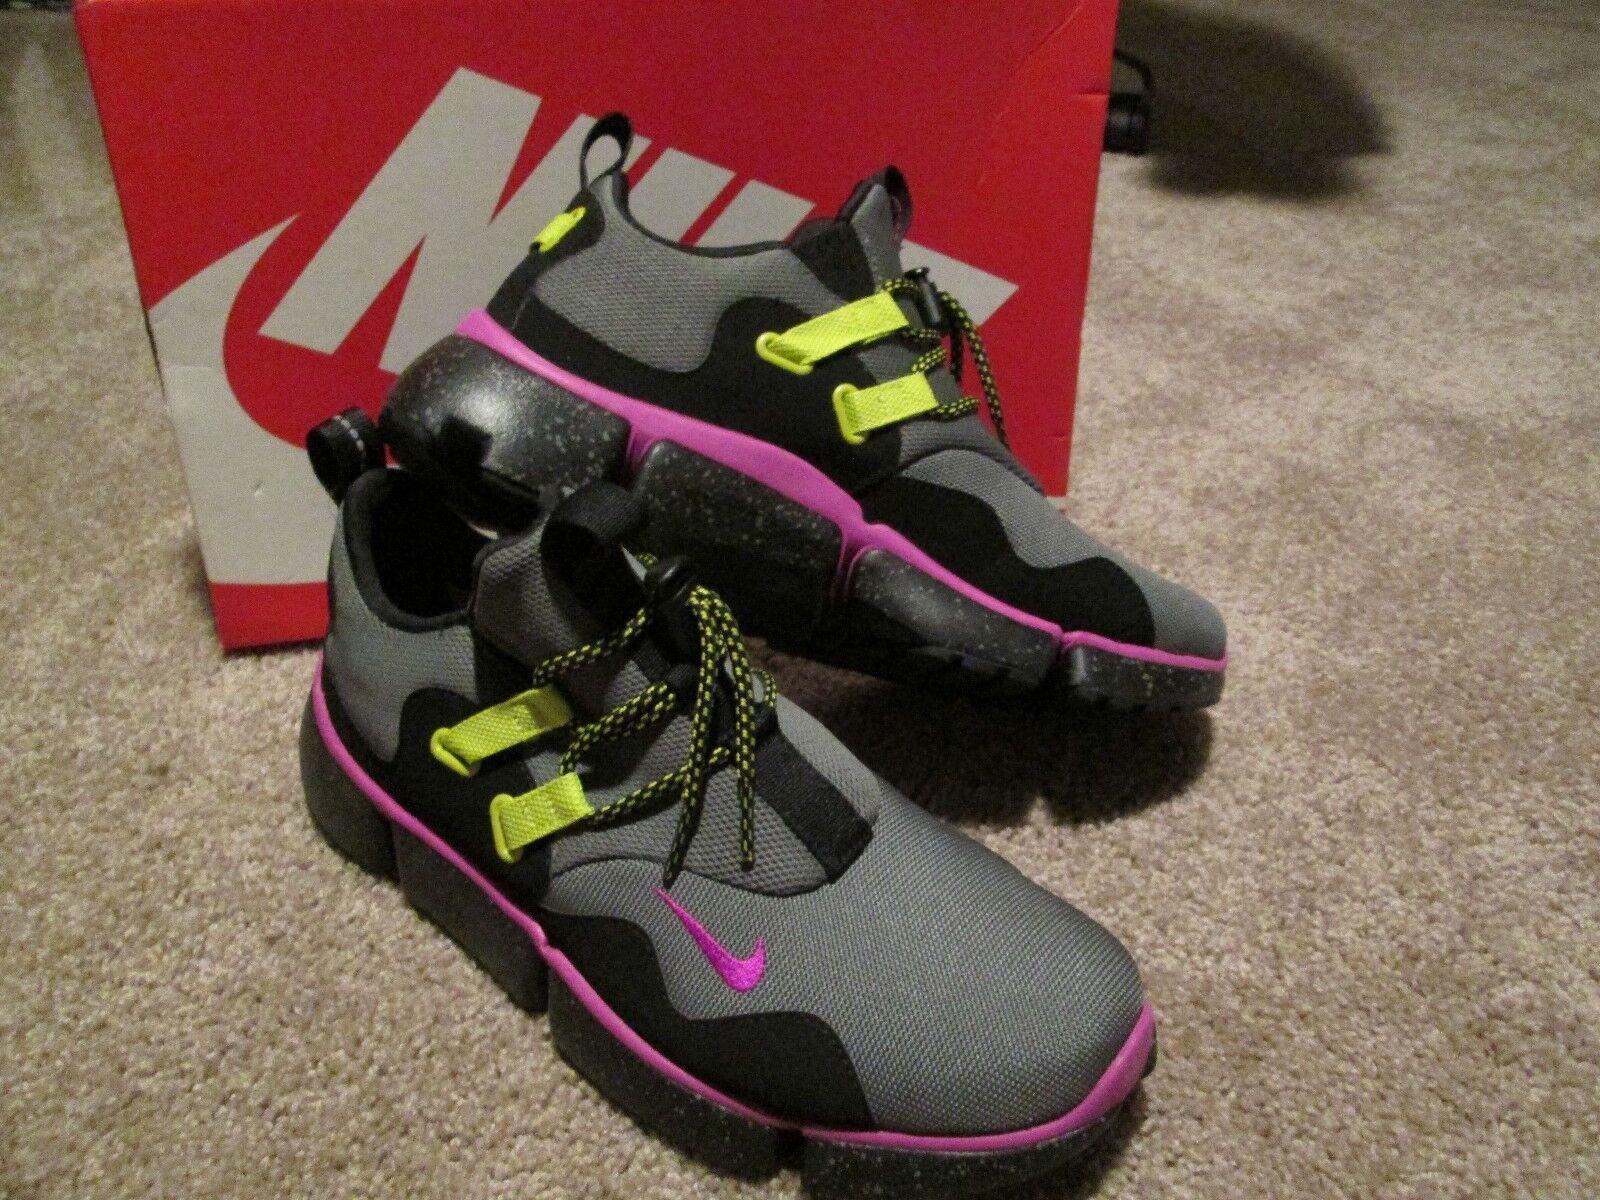 Brand new nike coltellino dm river rock trail / scarpe da corsa 9 la libera navigazione!